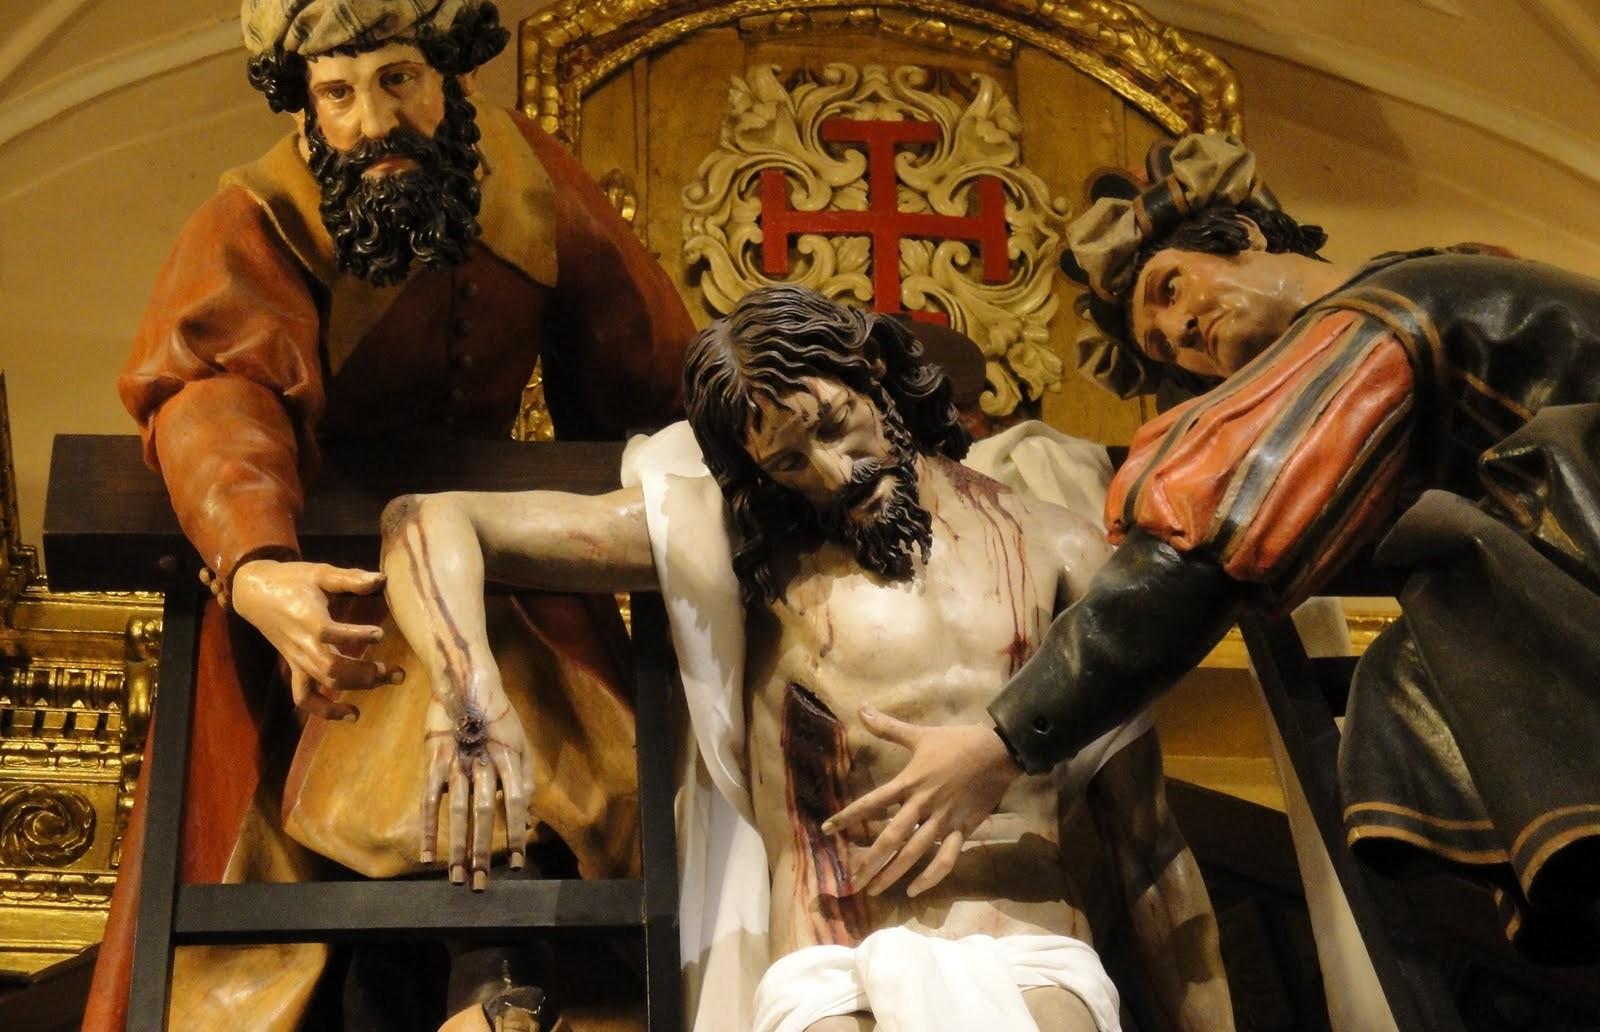 Cmo la Madera de la Cruz de Cristo fue elegida desde el Principio de los Tiempos  Foros de la